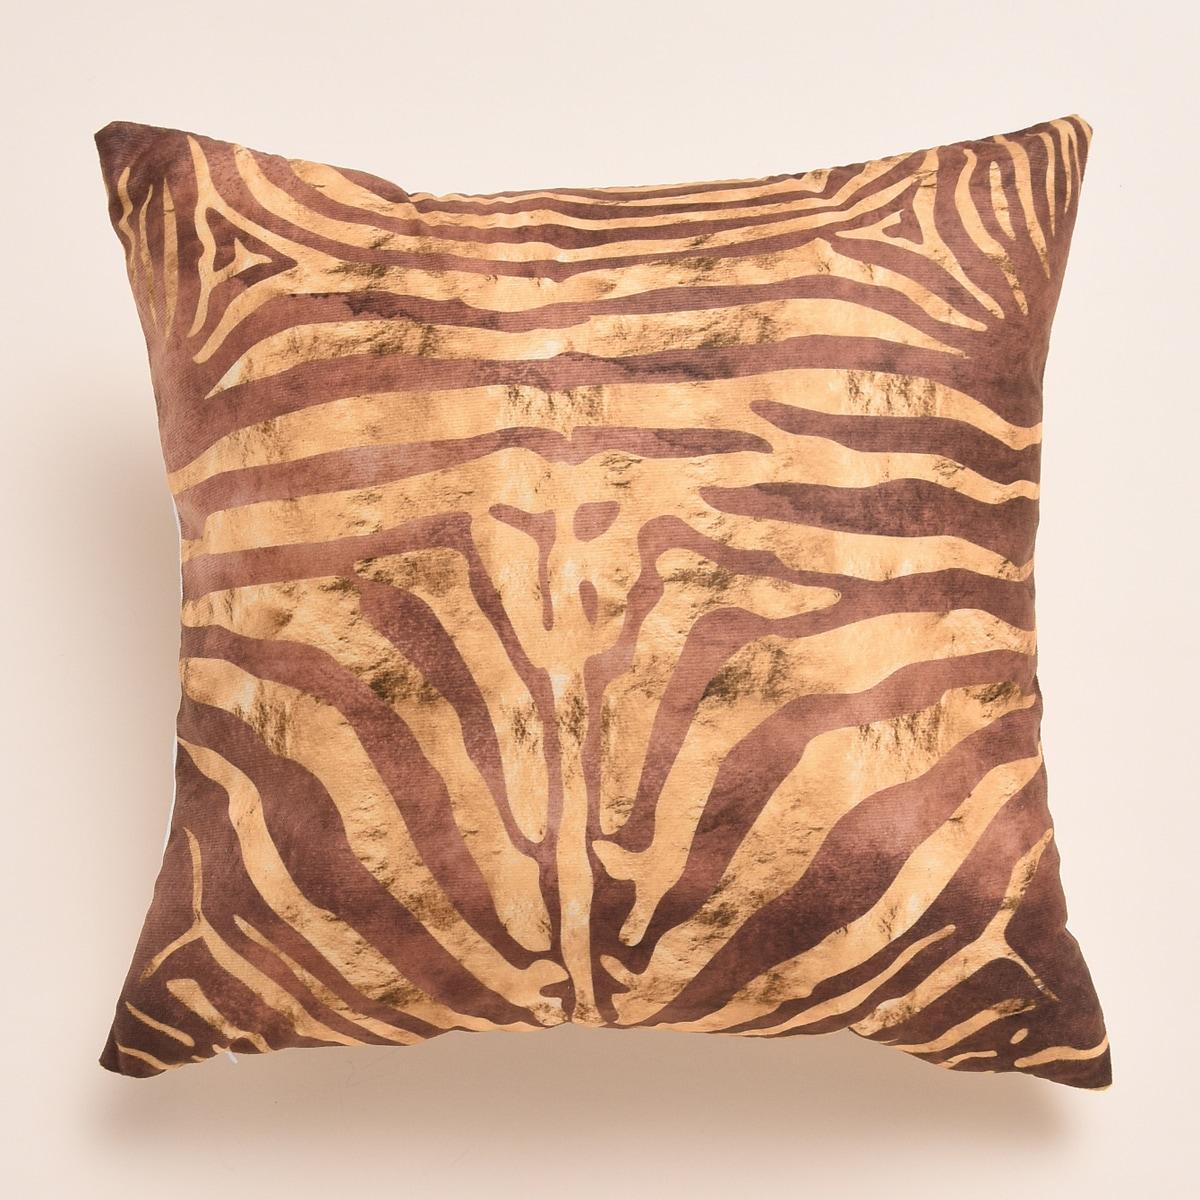 Чехол для подушки с графическим принтом без наполнителя фото